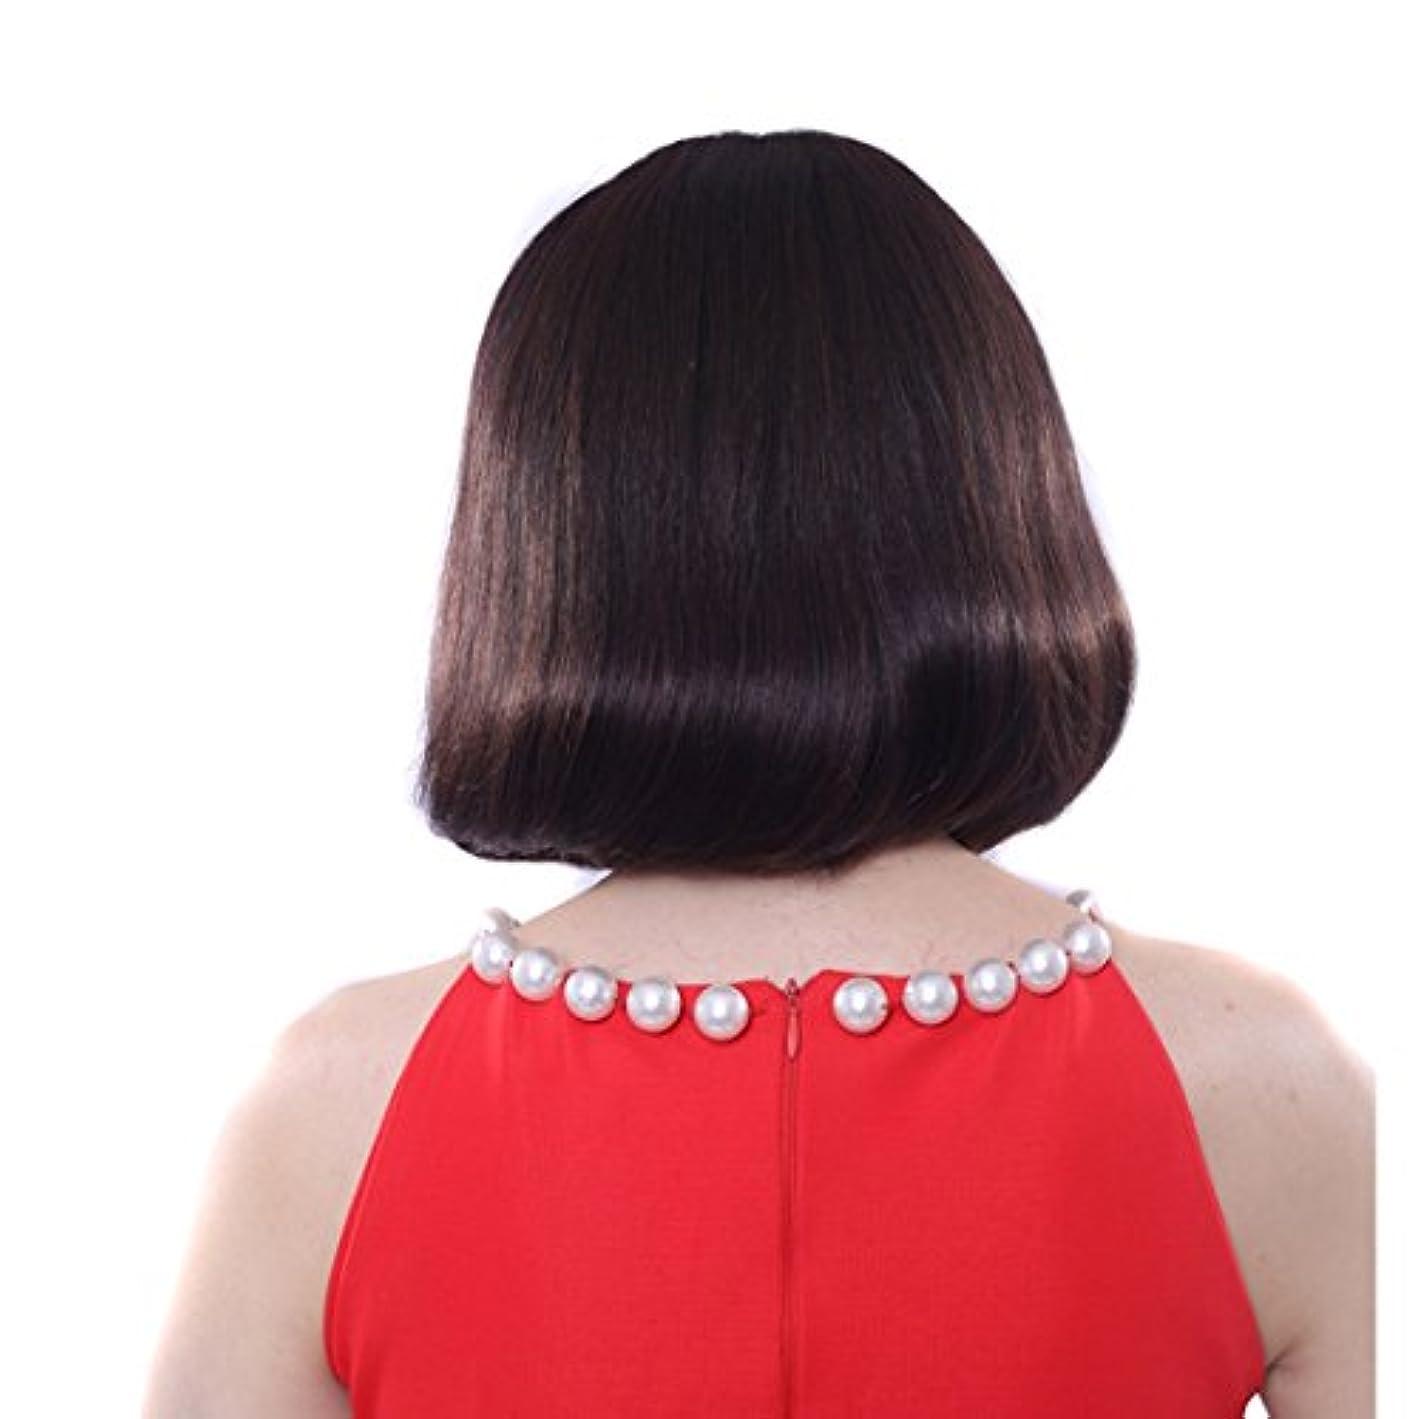 交差点有益な落とし穴YOUQIU 現実的な人間の自然なかつらの内部梨髪シルクヘアボボヘッドウィッグカーリーフラット前髪ウィッグFuffyインナー梨髪の長さが26センチメートルウィッグ (色 : 黒)